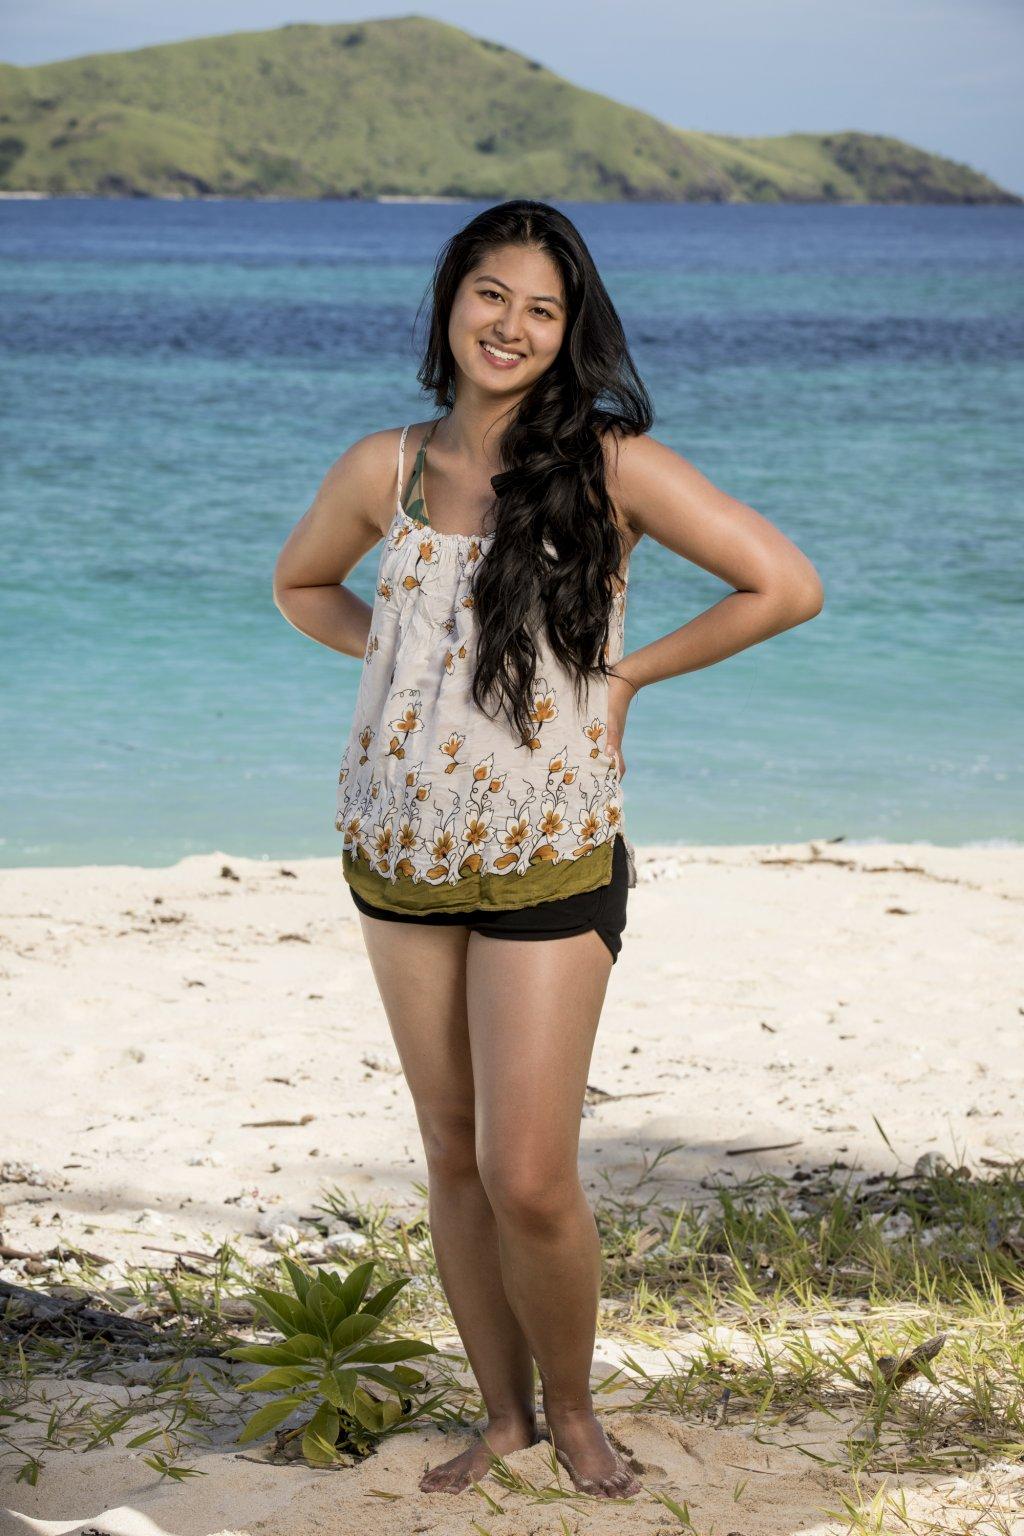 Simone Nguyen